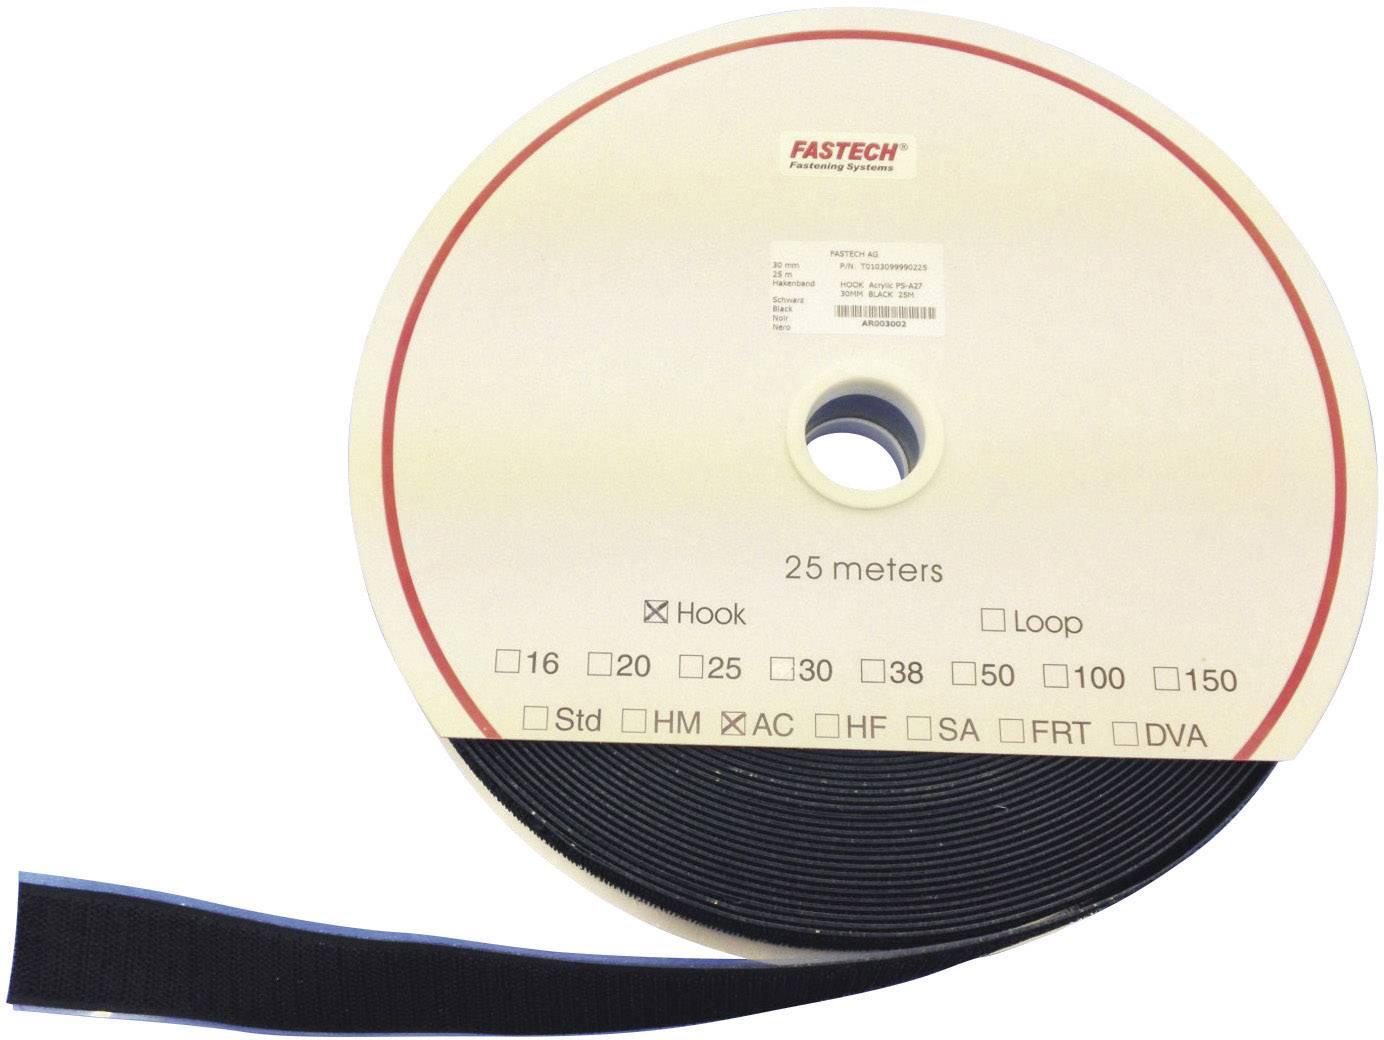 Samolepicí páska na suchý zip (háčky) Fastech T0101699990225, 25 m x 16 mm, černá, 25 m